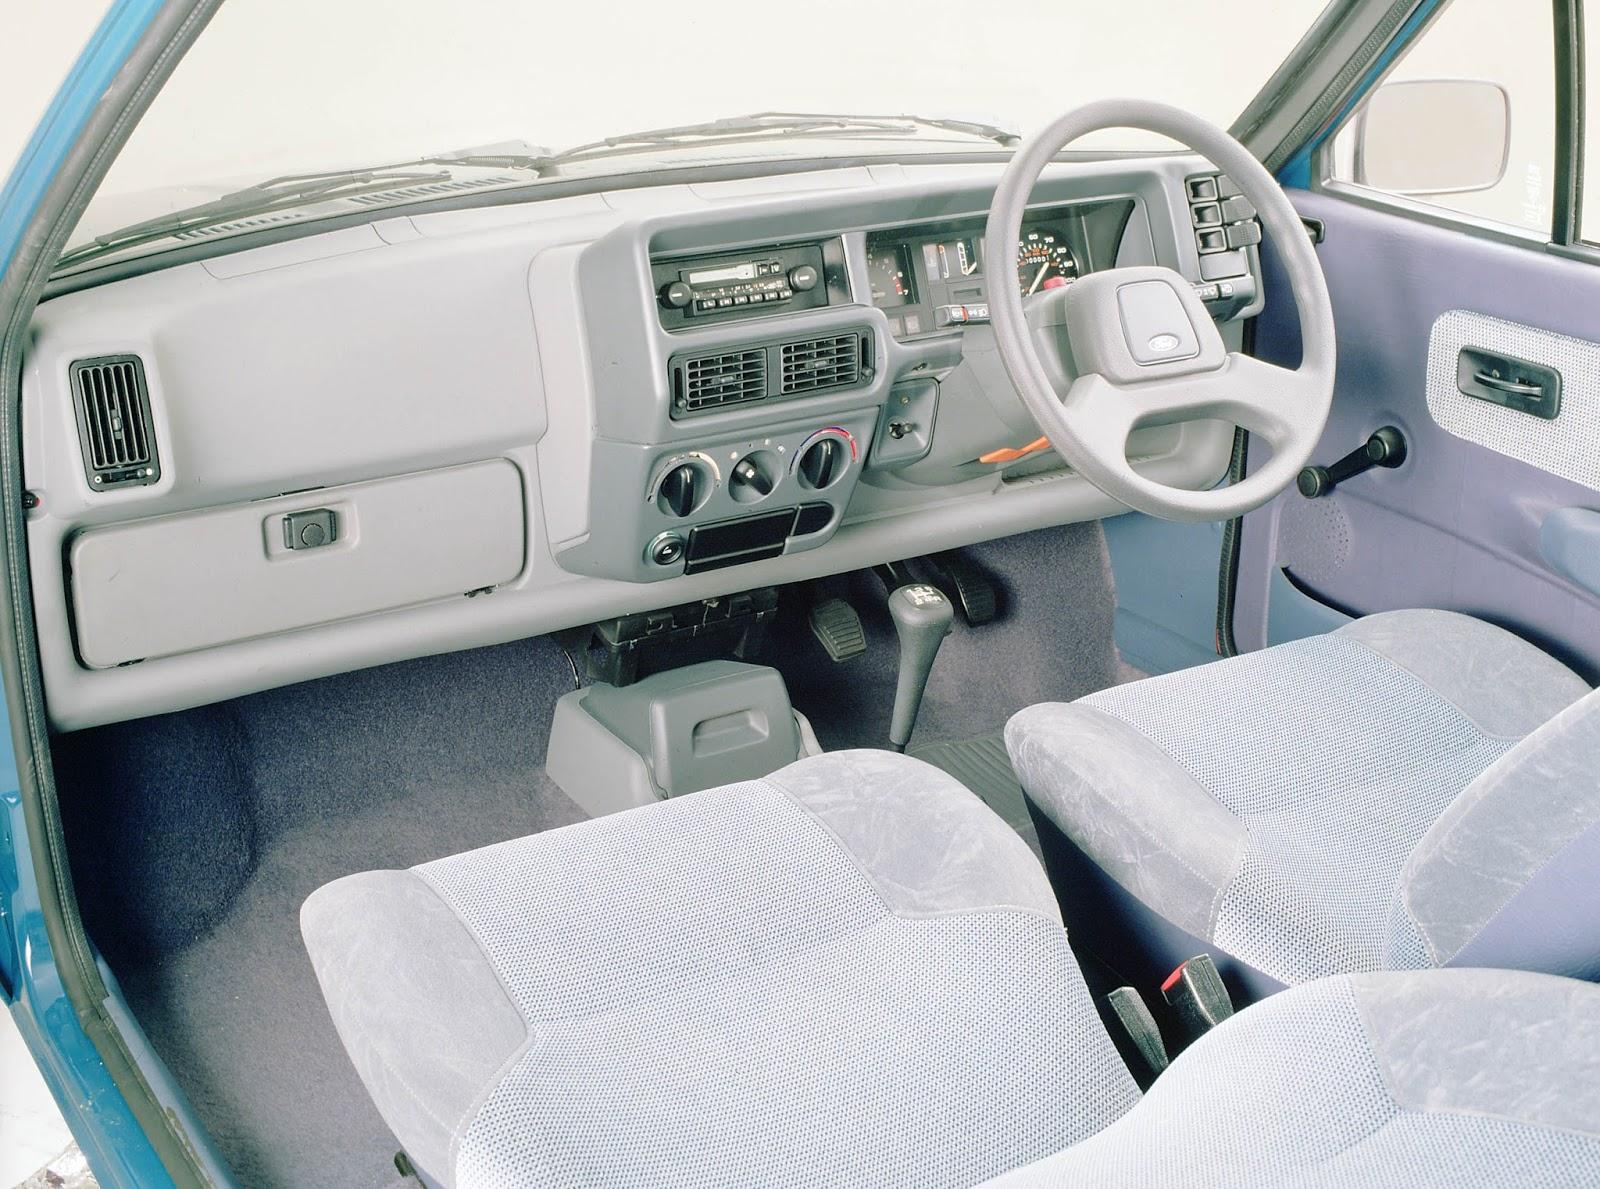 FordFiesta 1983 1989 GhiaInterior 1983 01 2 Έκανες Πολύ Δρόμο Μωρό μου! - Το Ford Fiesta Γίνεται 40 Ετών Ford, Ford Fiesta, Fun, videos, zblog